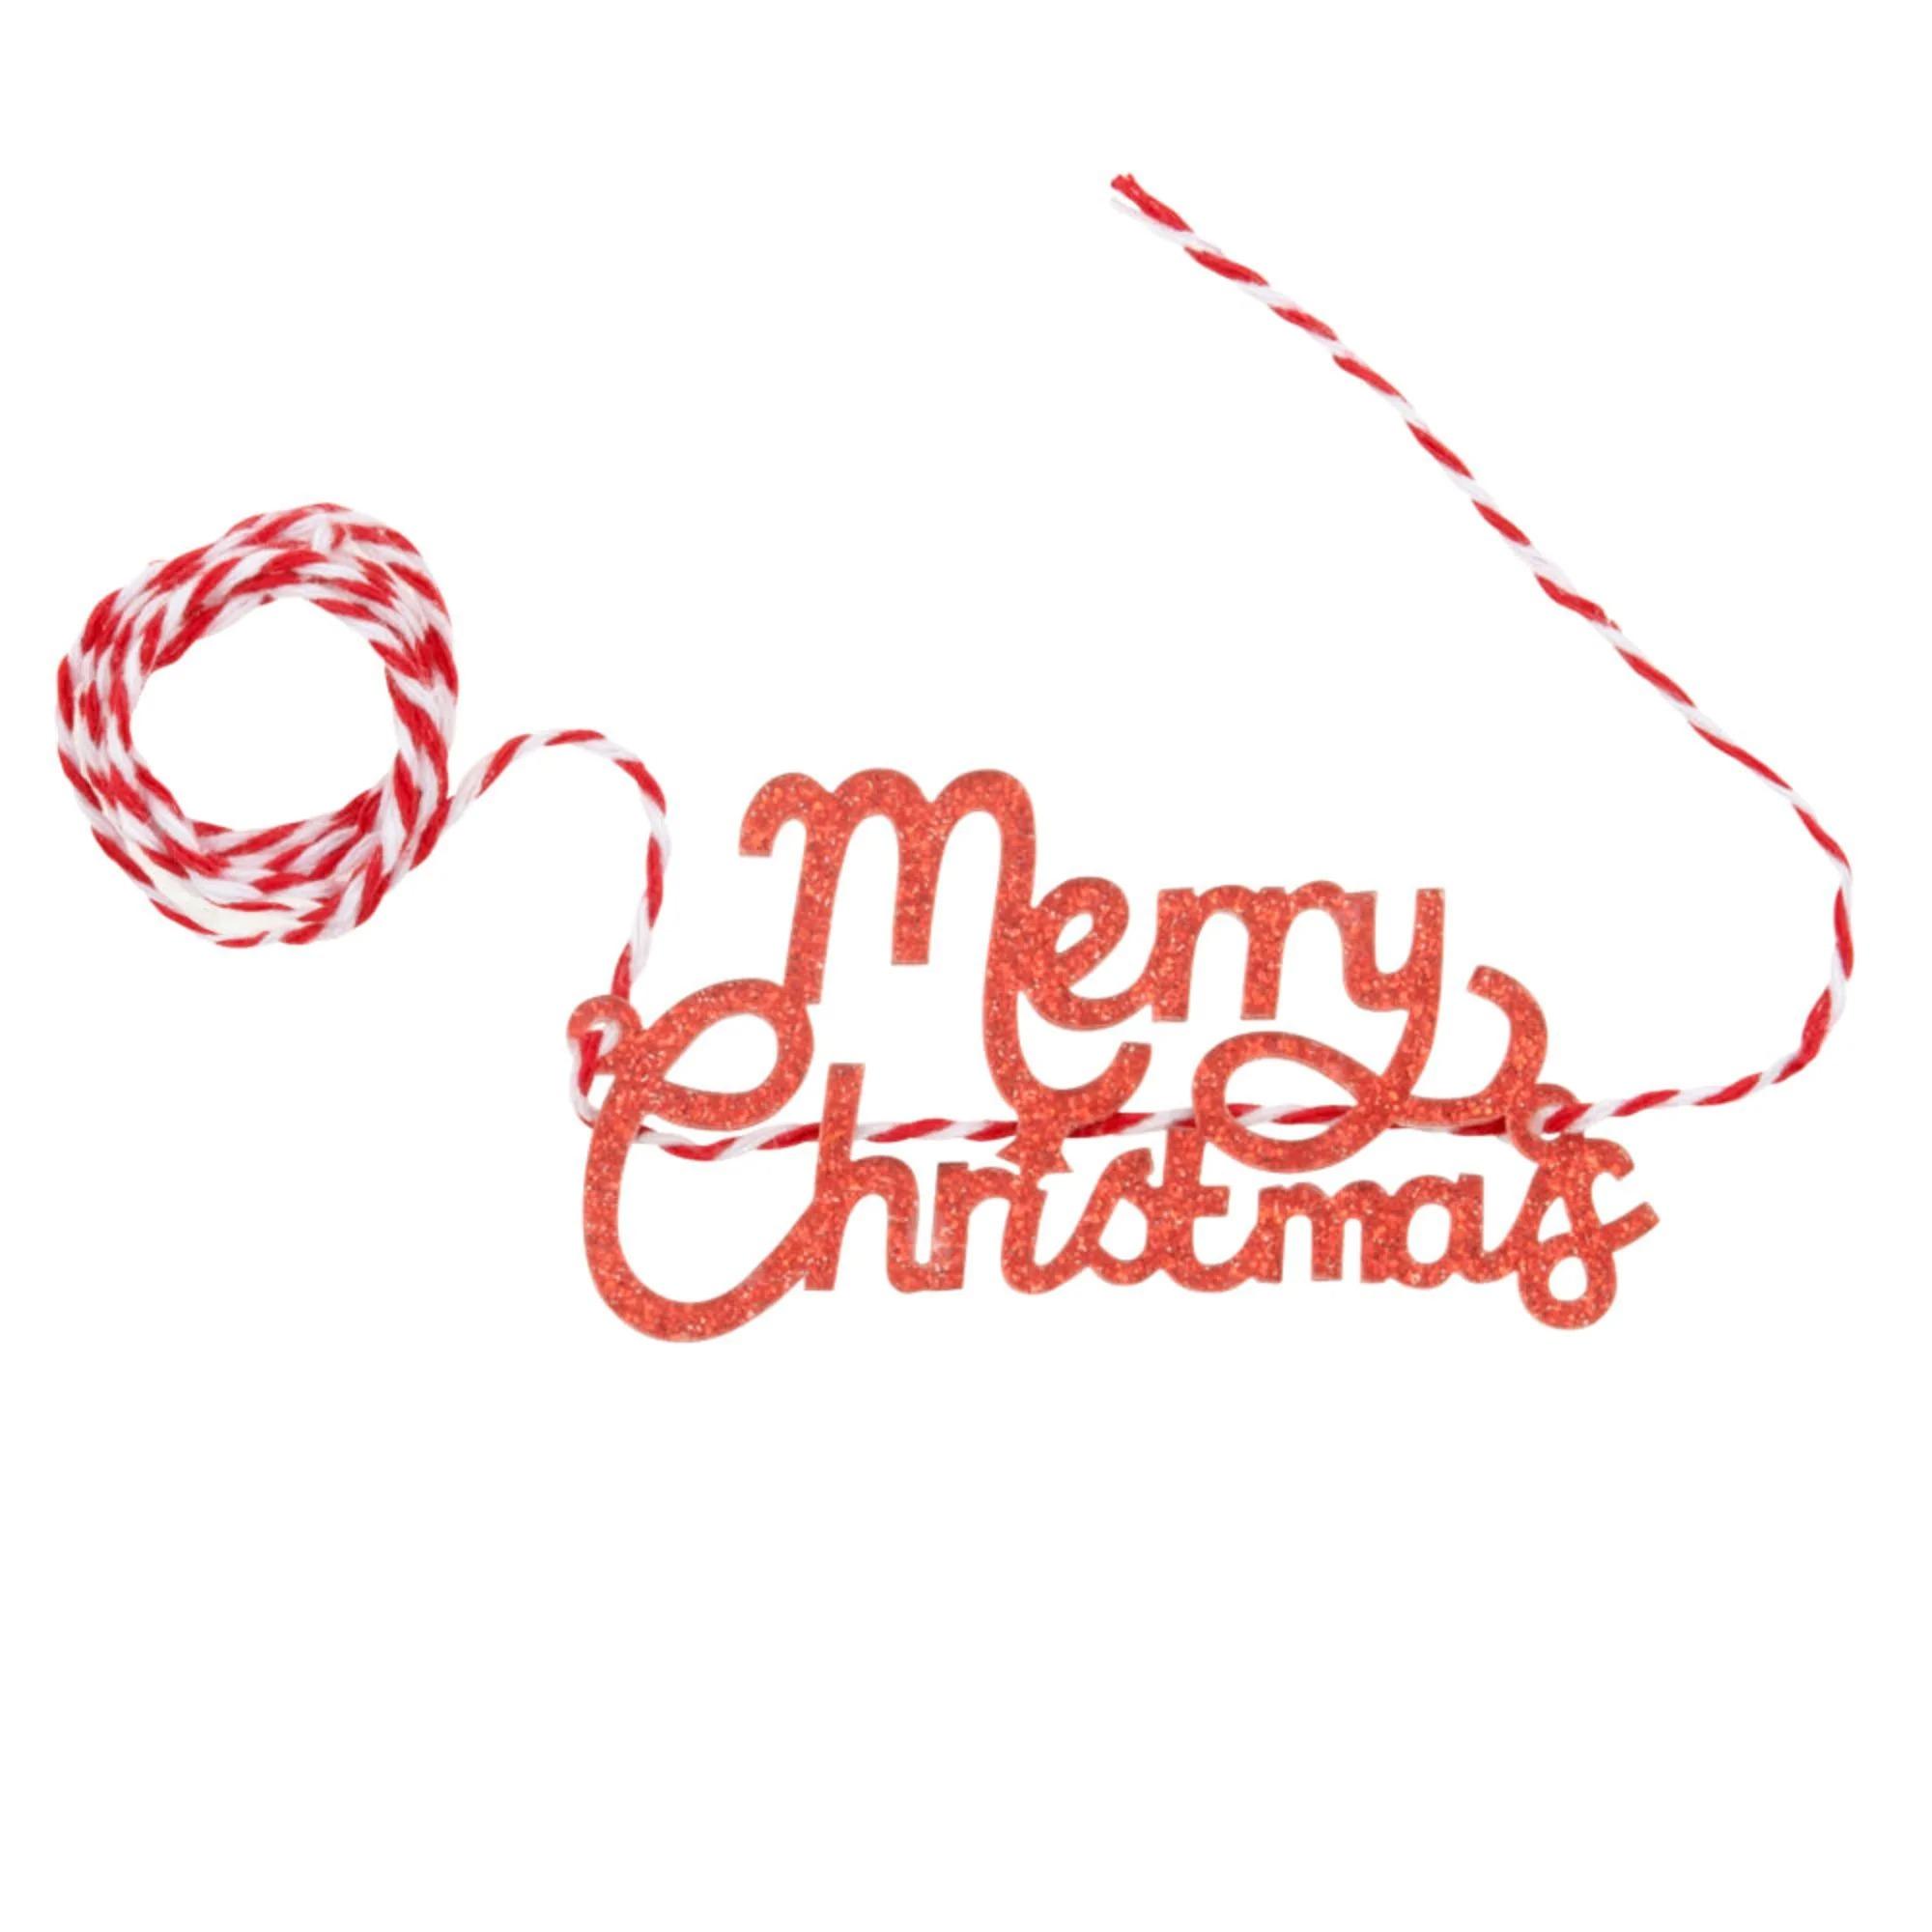 MERRY XTMAS.- Cinta de Navidad con palabras en rojo y blanco - Lote de 14